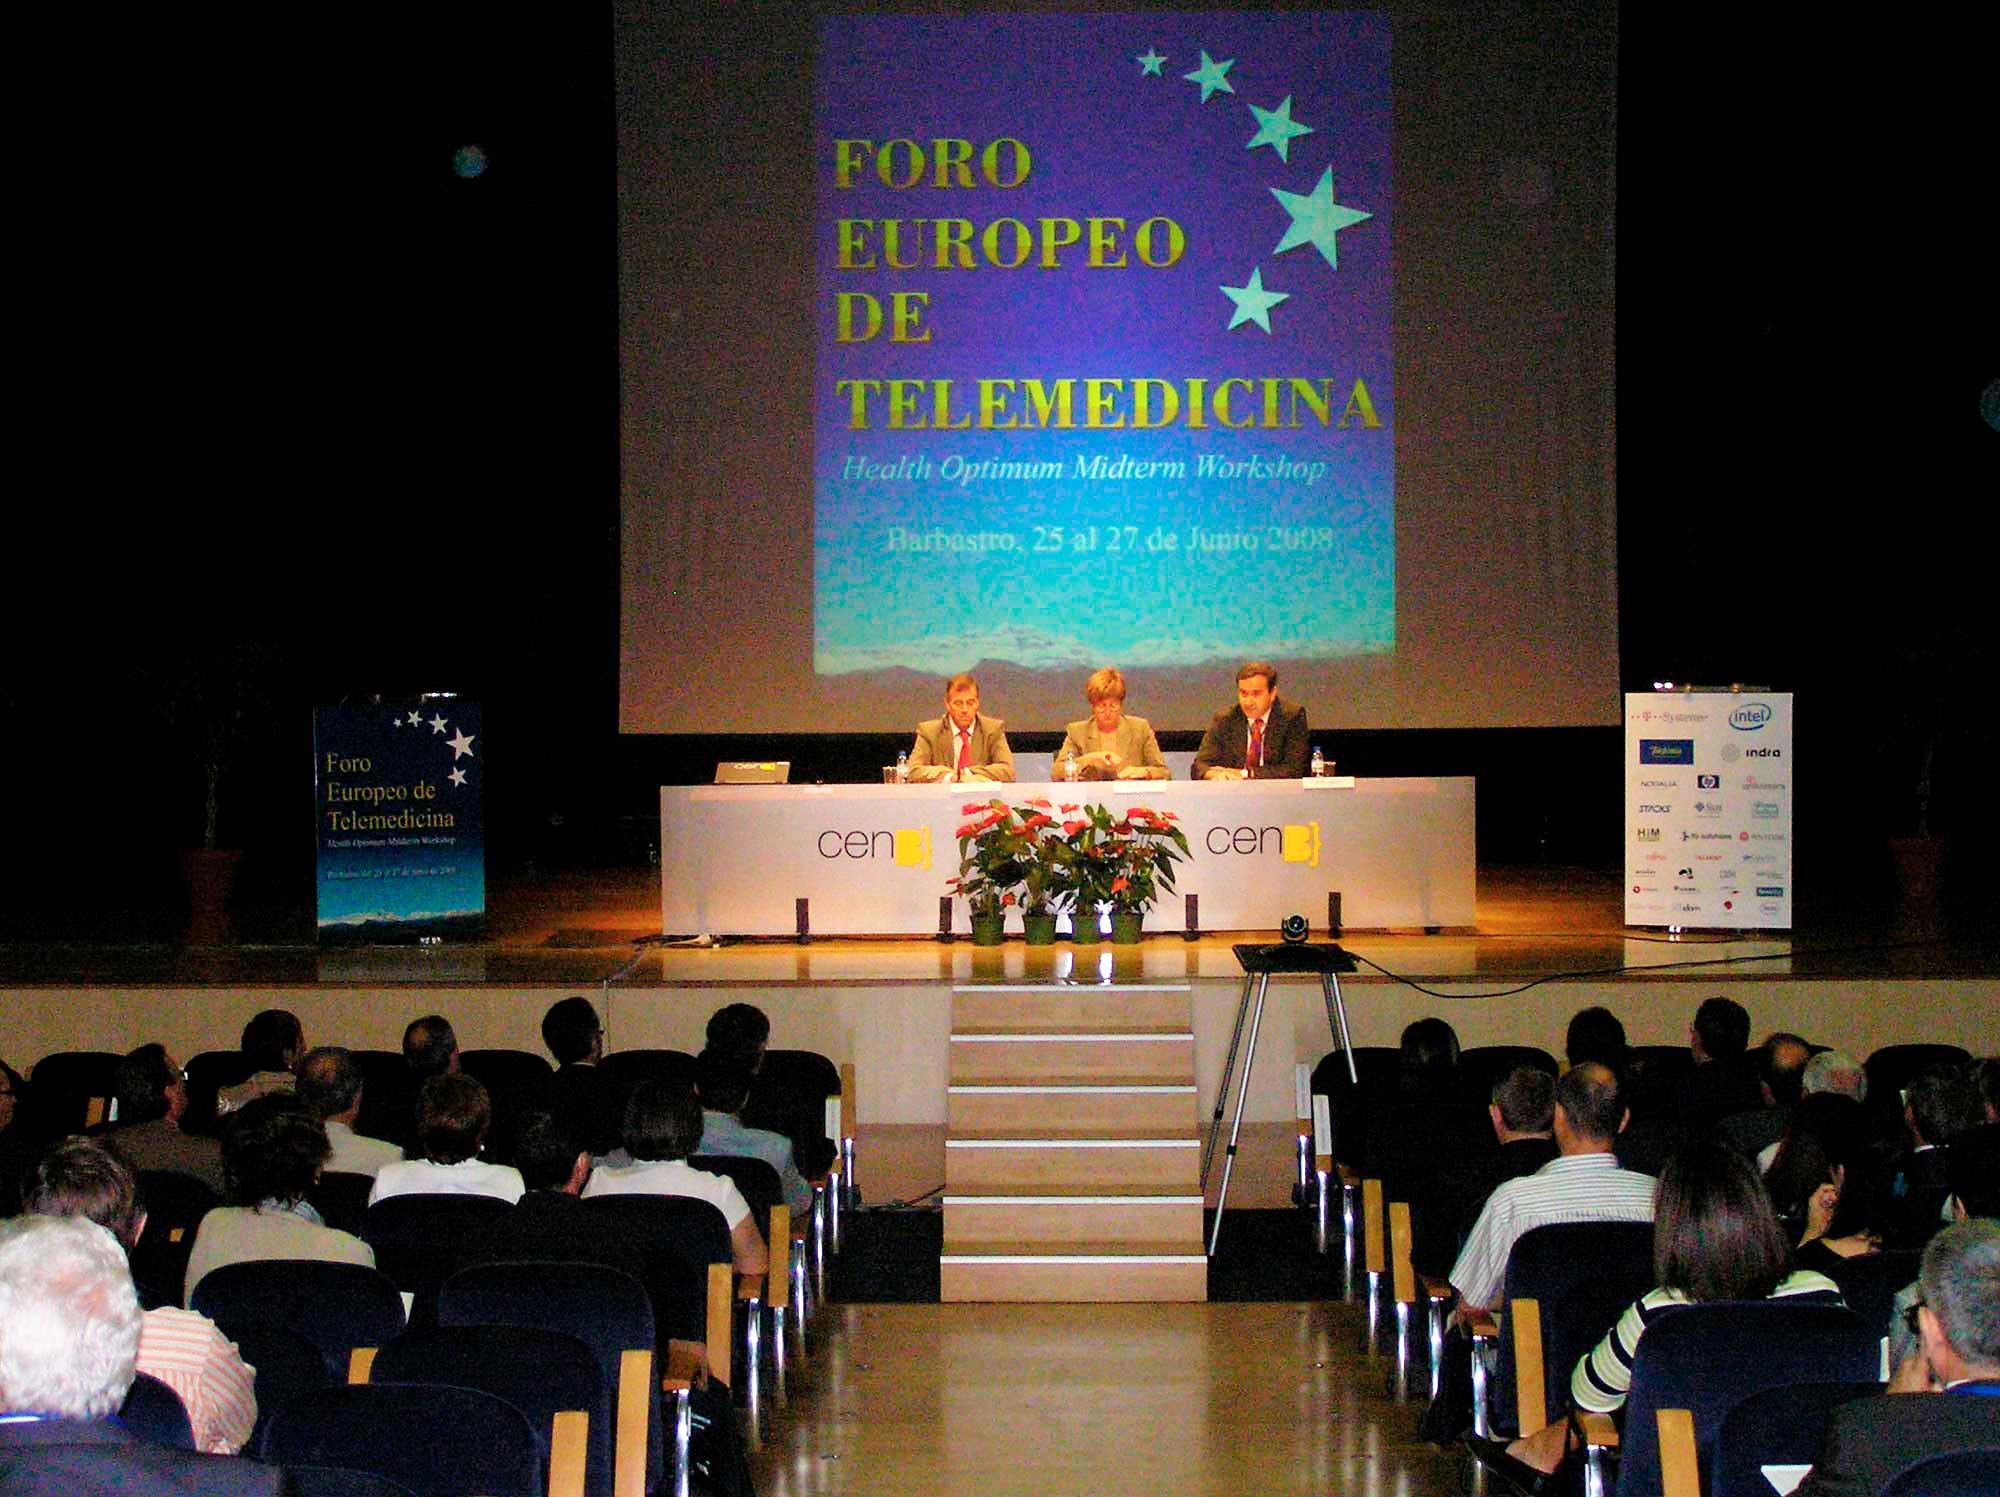 CONGRESOS-BARBASTRO_Inauguracion_Foro_Europeo_de_Telemedicina